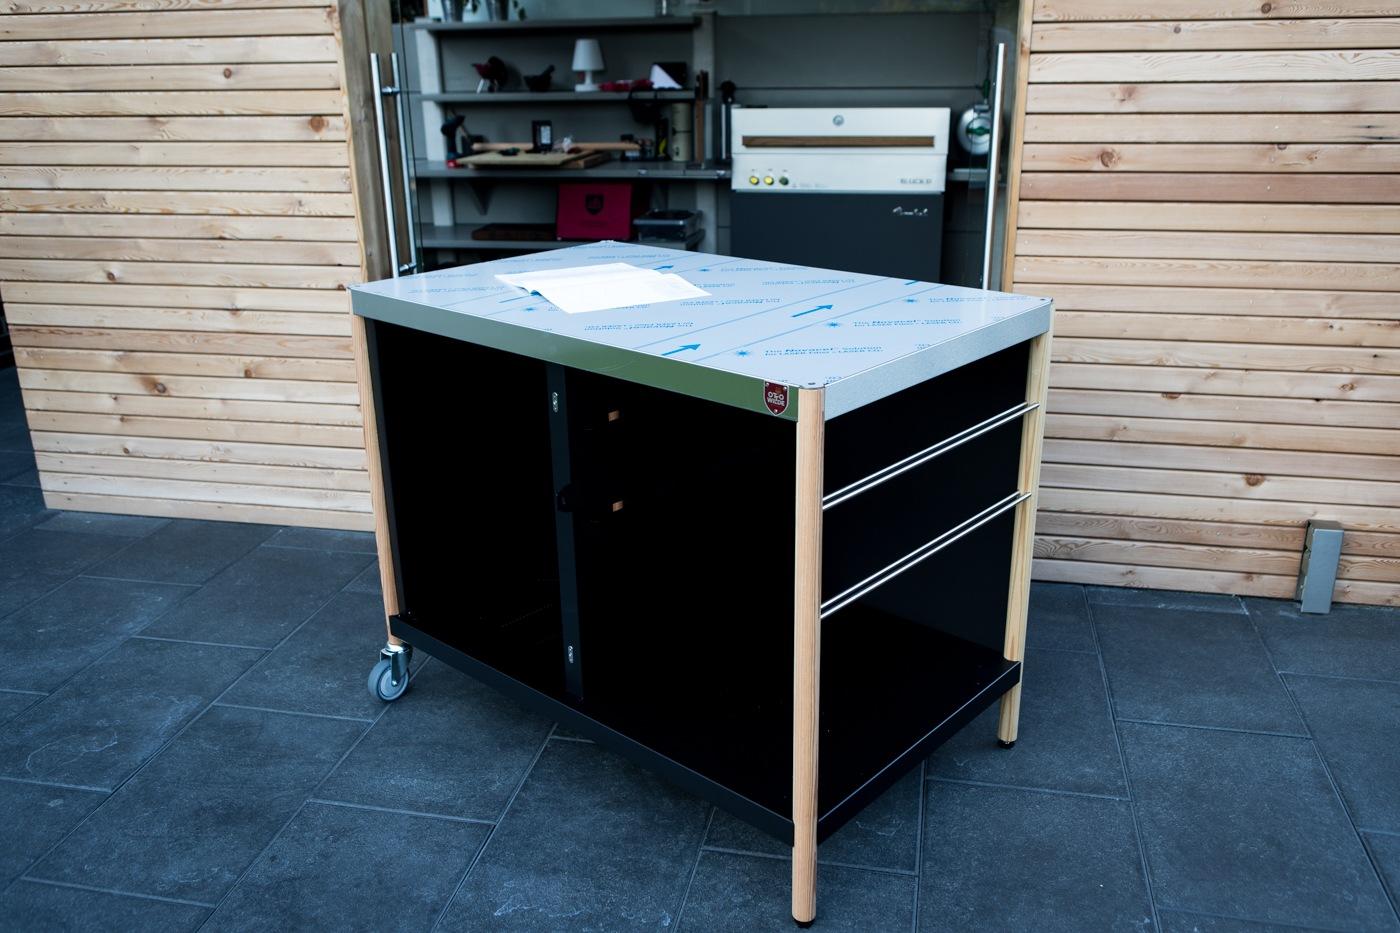 vorstellung-ottos-grillstand-grilltisch-17